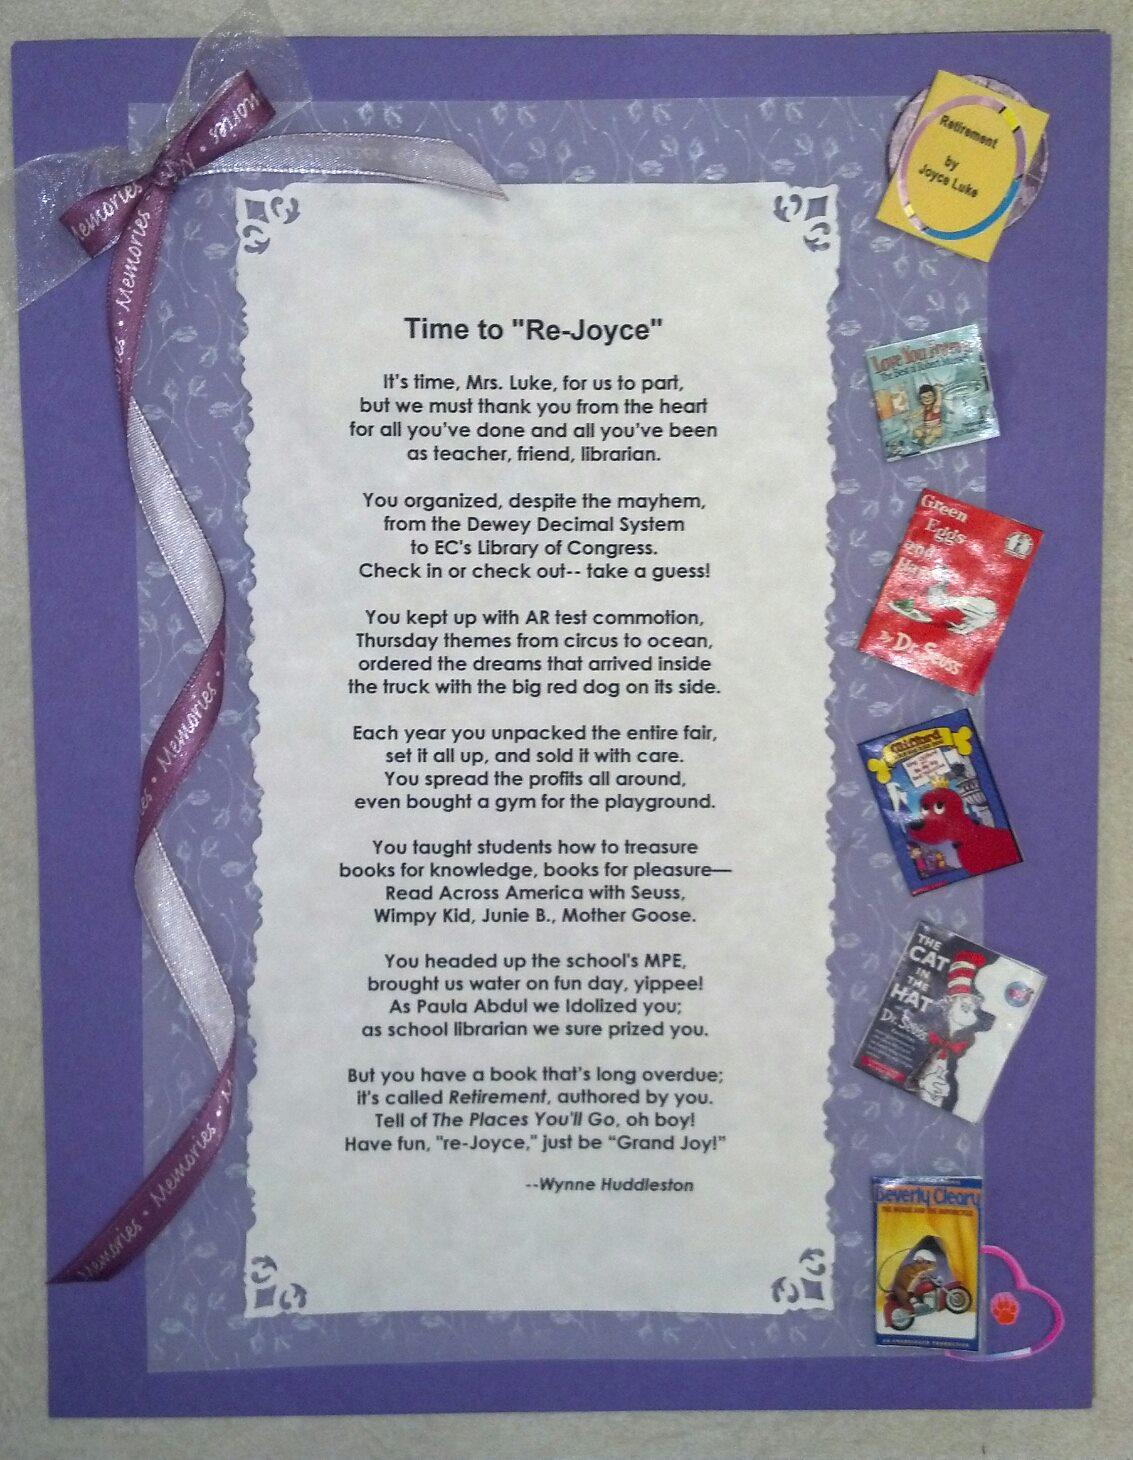 Retirement For Teachers Teacher retirement poem